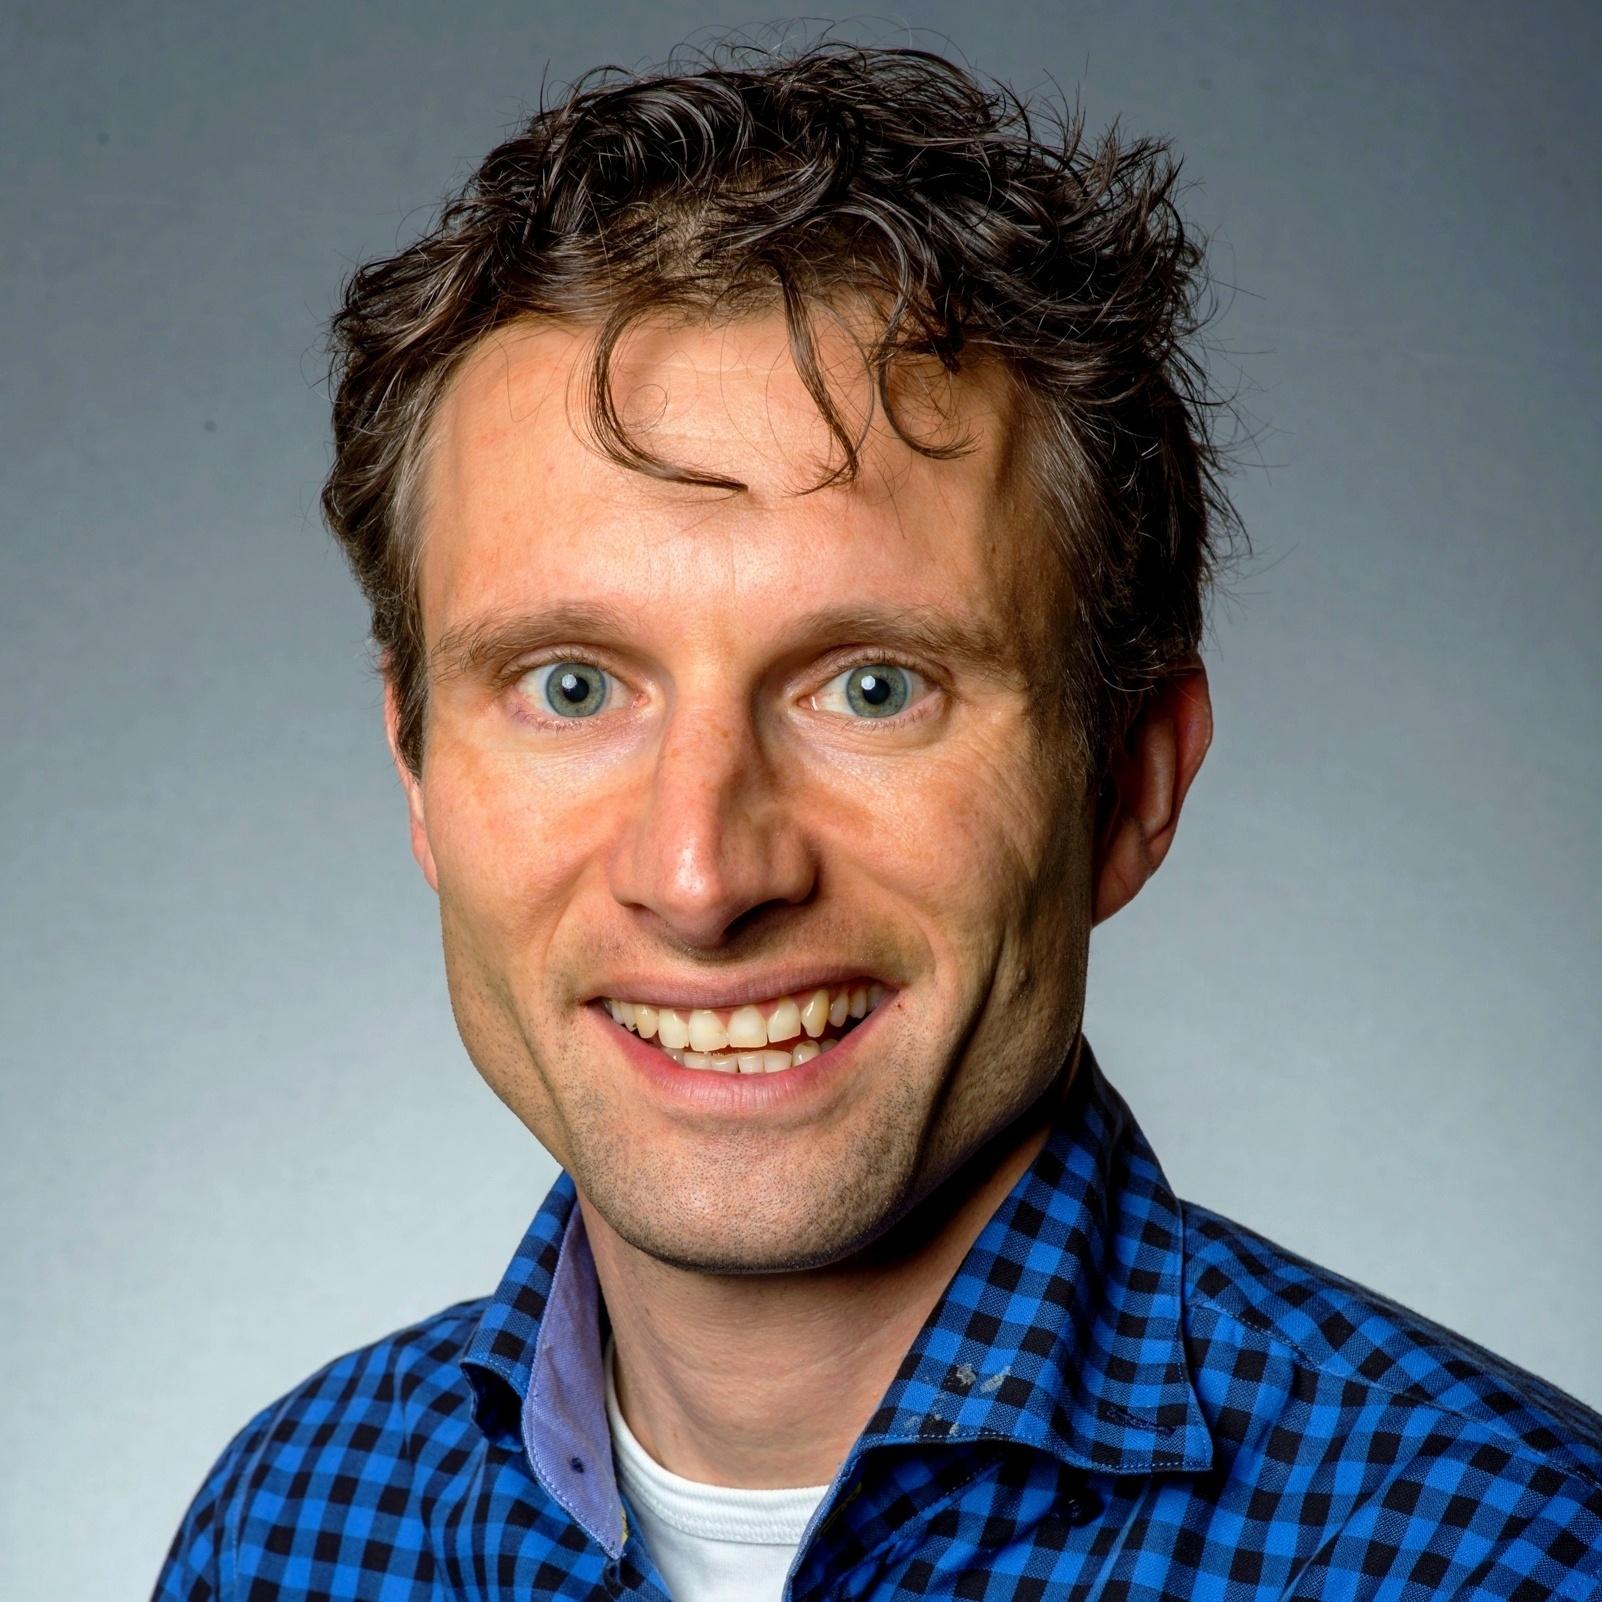 Martijn van den Berk